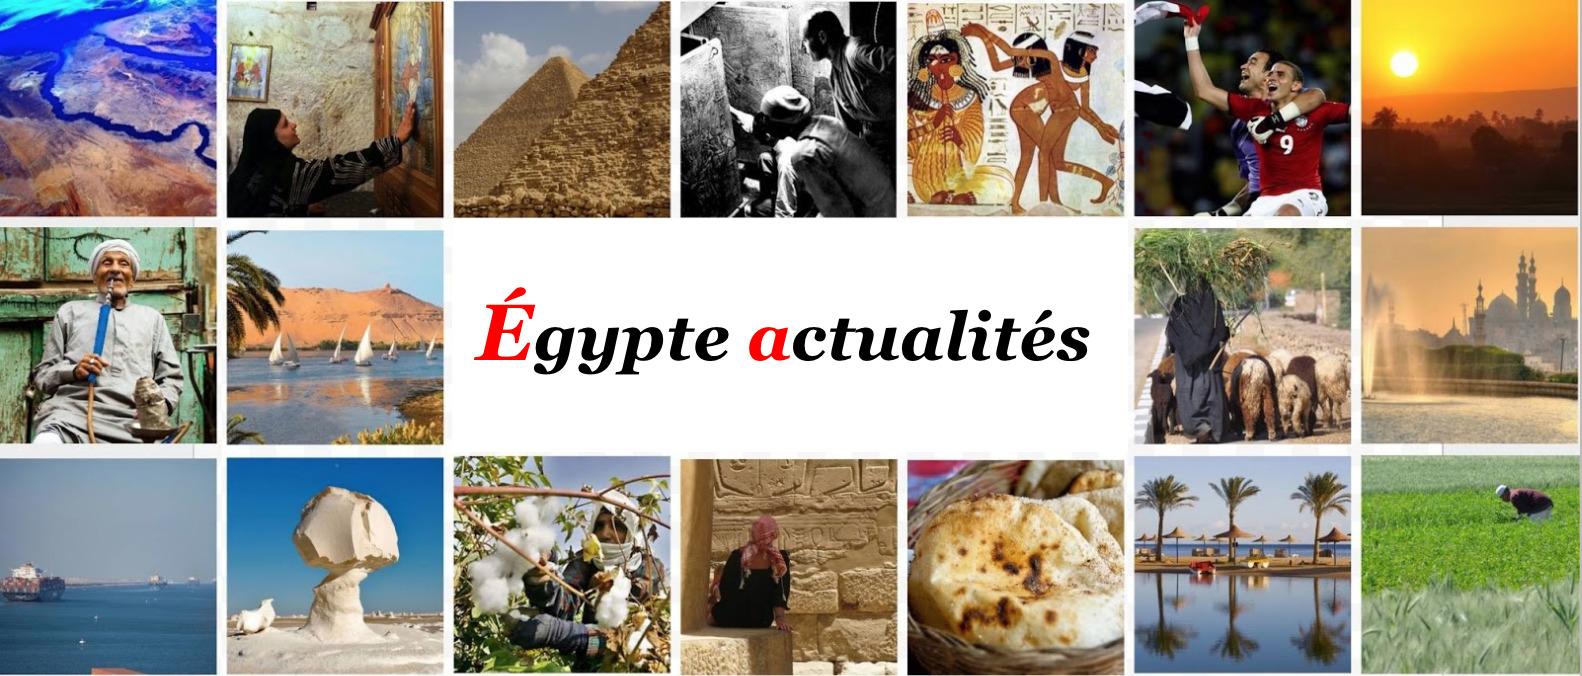 égyptophile